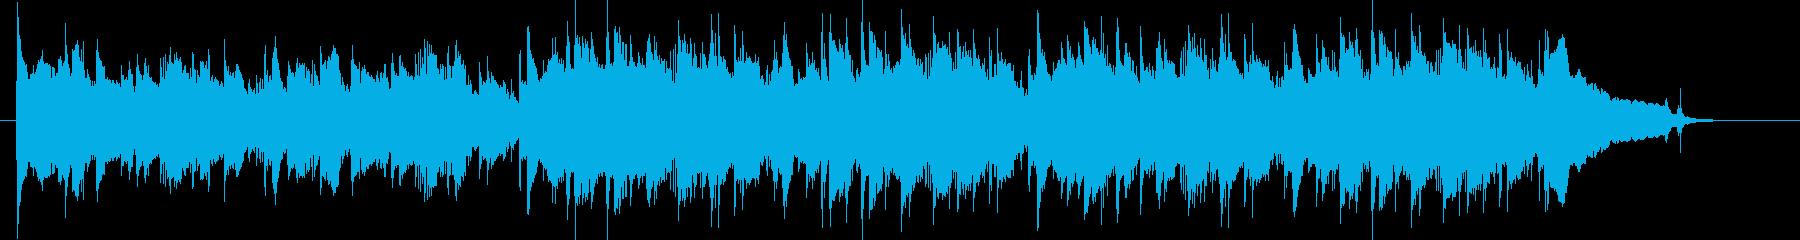 アコギ、明るい、感動、日常、CM30秒2の再生済みの波形